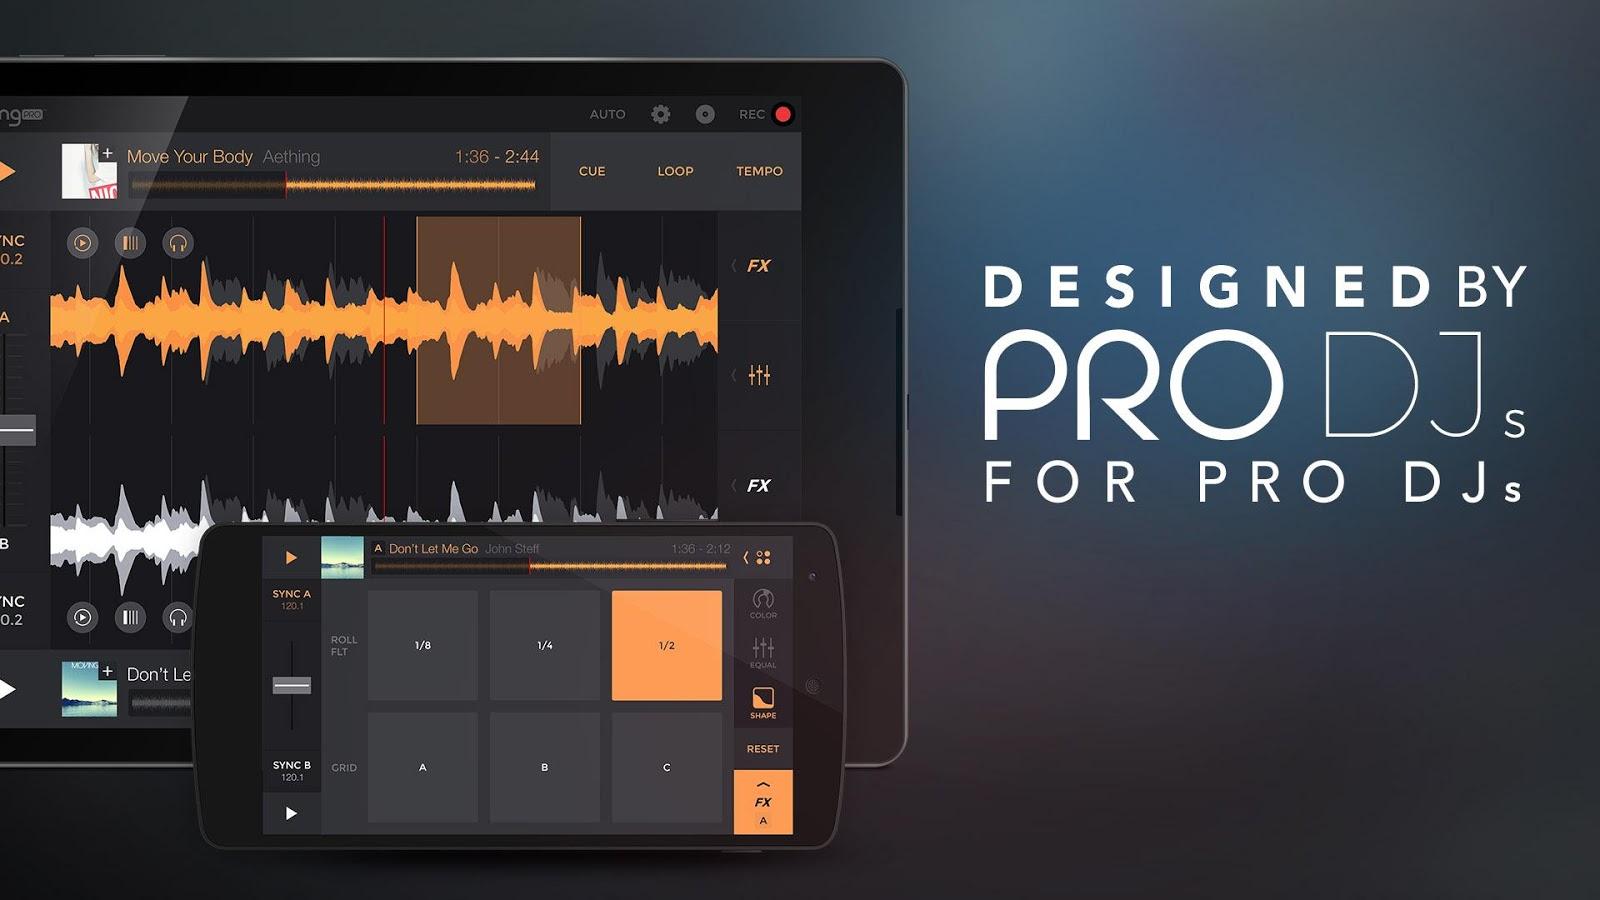 دانلود برنامه میکس موزیک edjing Pro Music DJ mixer 1.5.4 برای اندروید